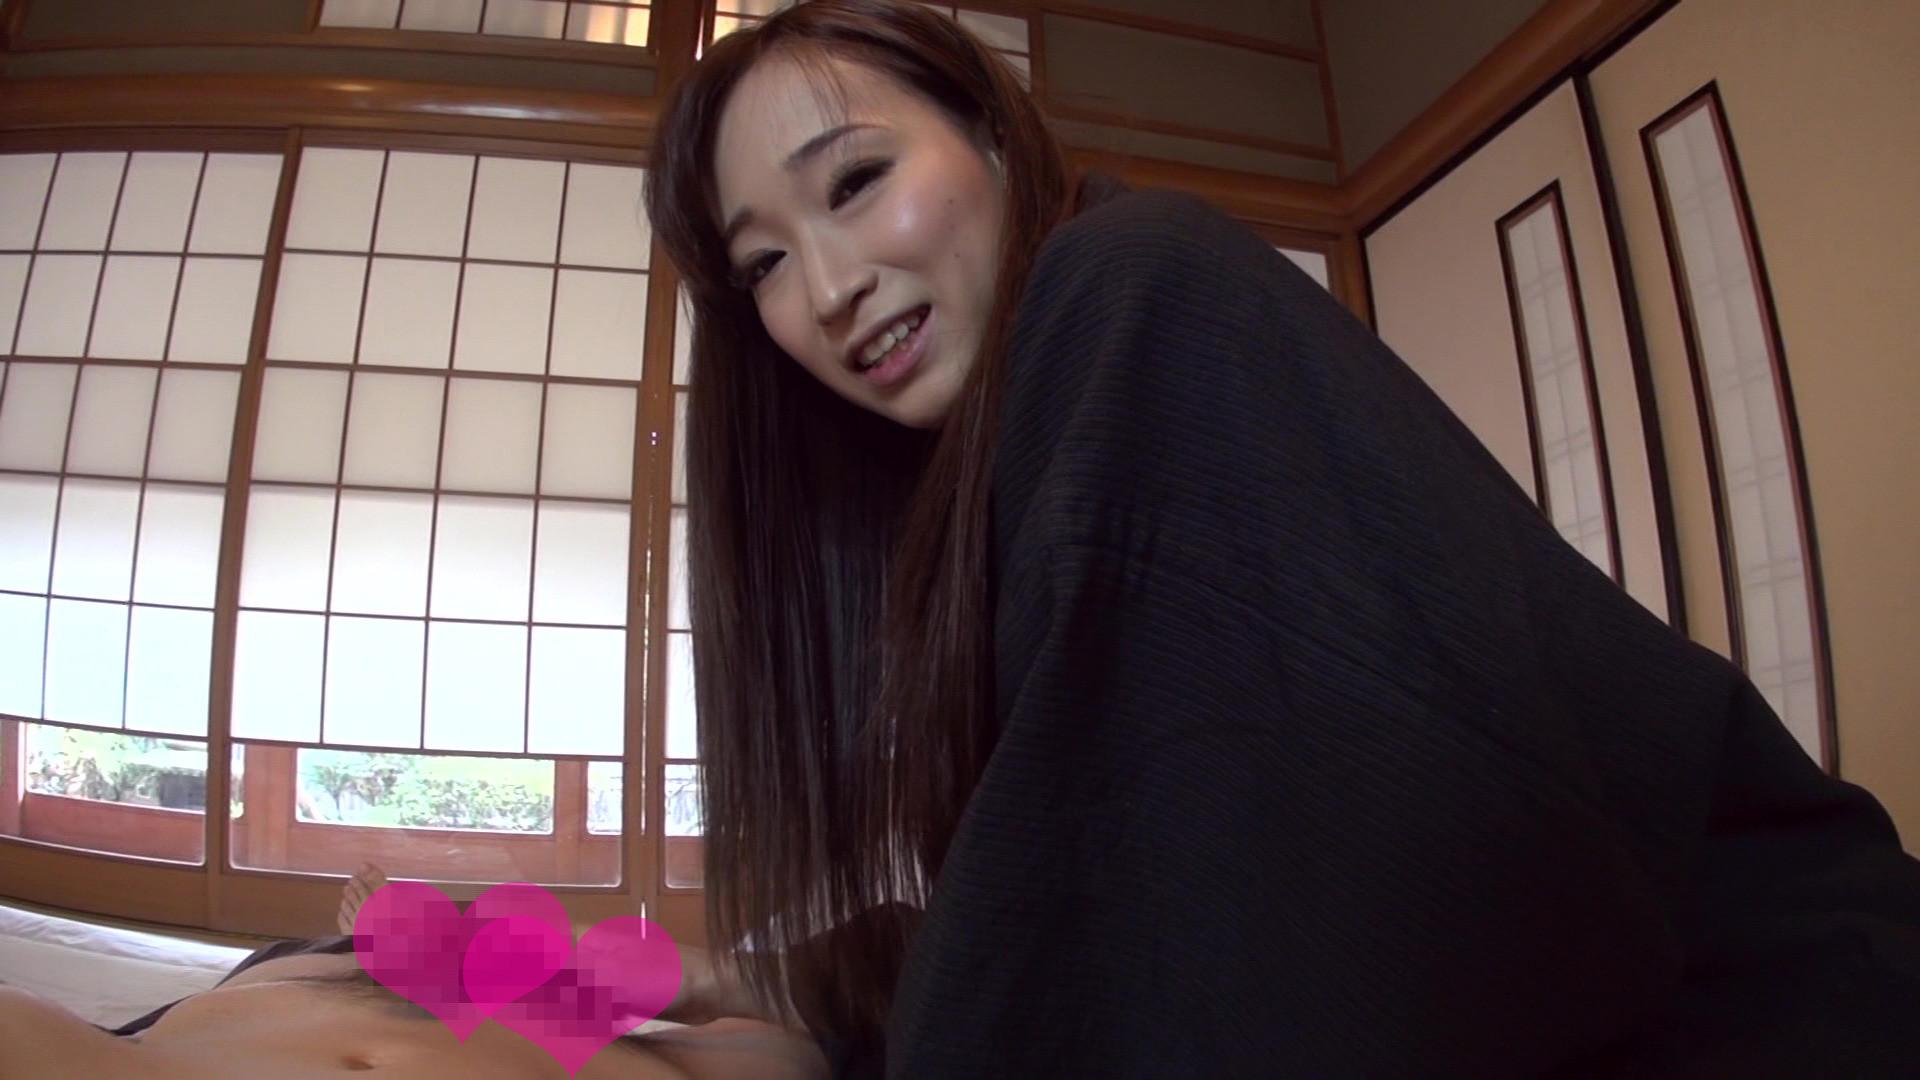 温泉宿でムラムラしてる自慢の彼女と早朝からハメハメしちゃいましたぁ!